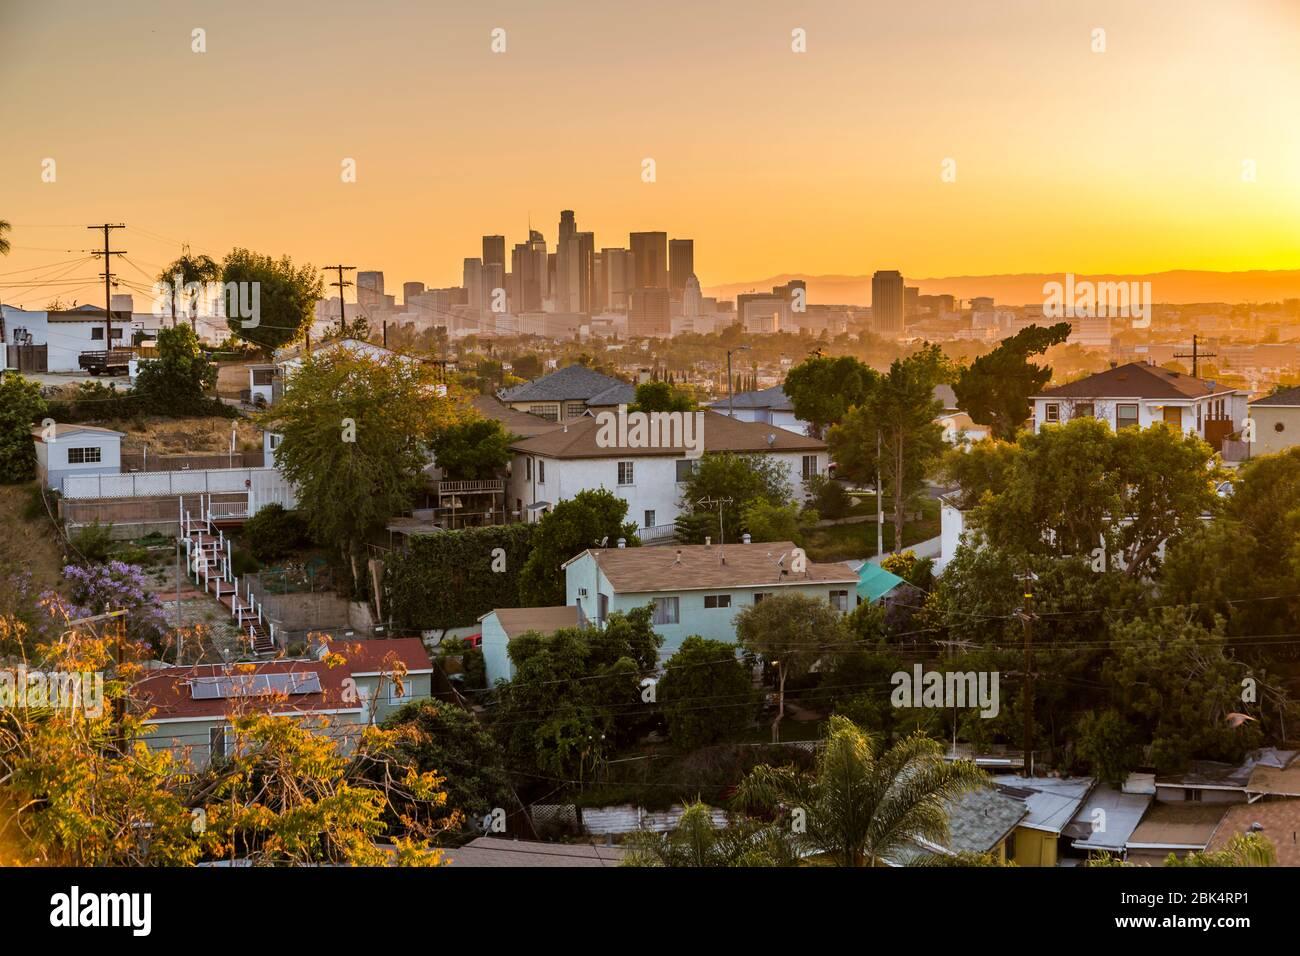 Vista del horizonte del centro al atardecer, los Ángeles, California, Estados Unidos de América Foto de stock